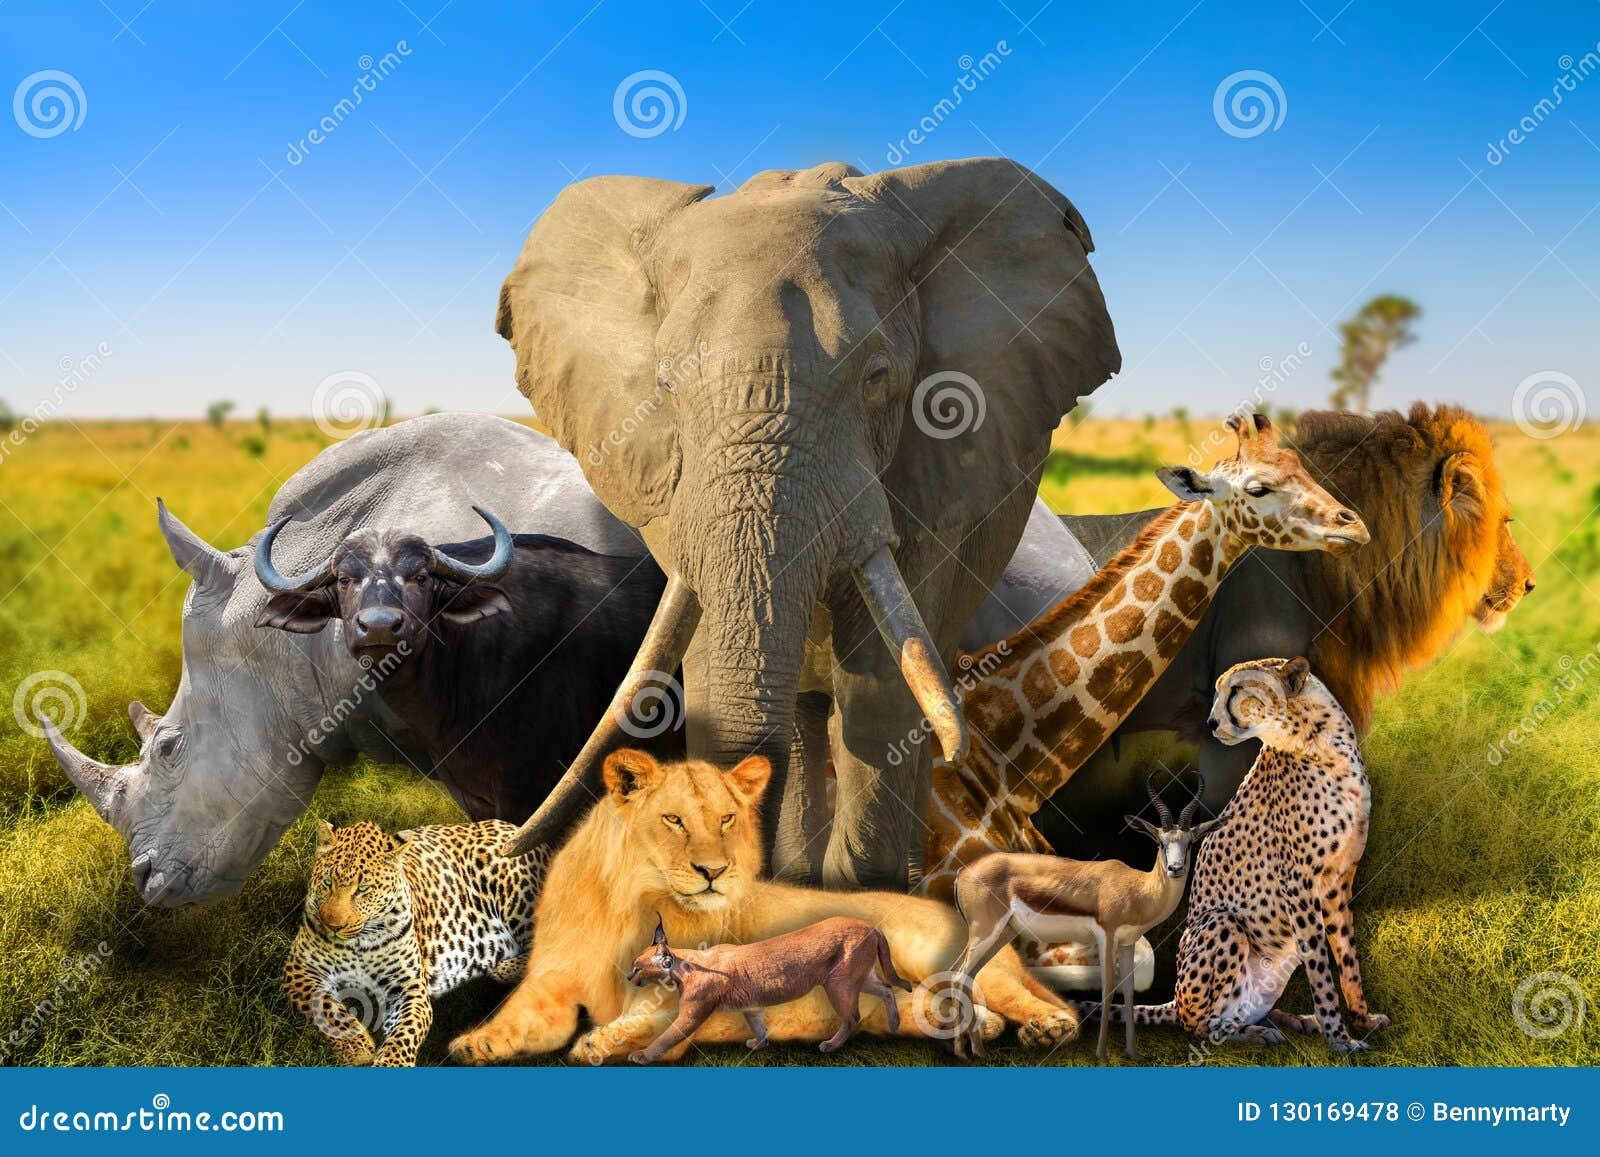 Wild african animals background